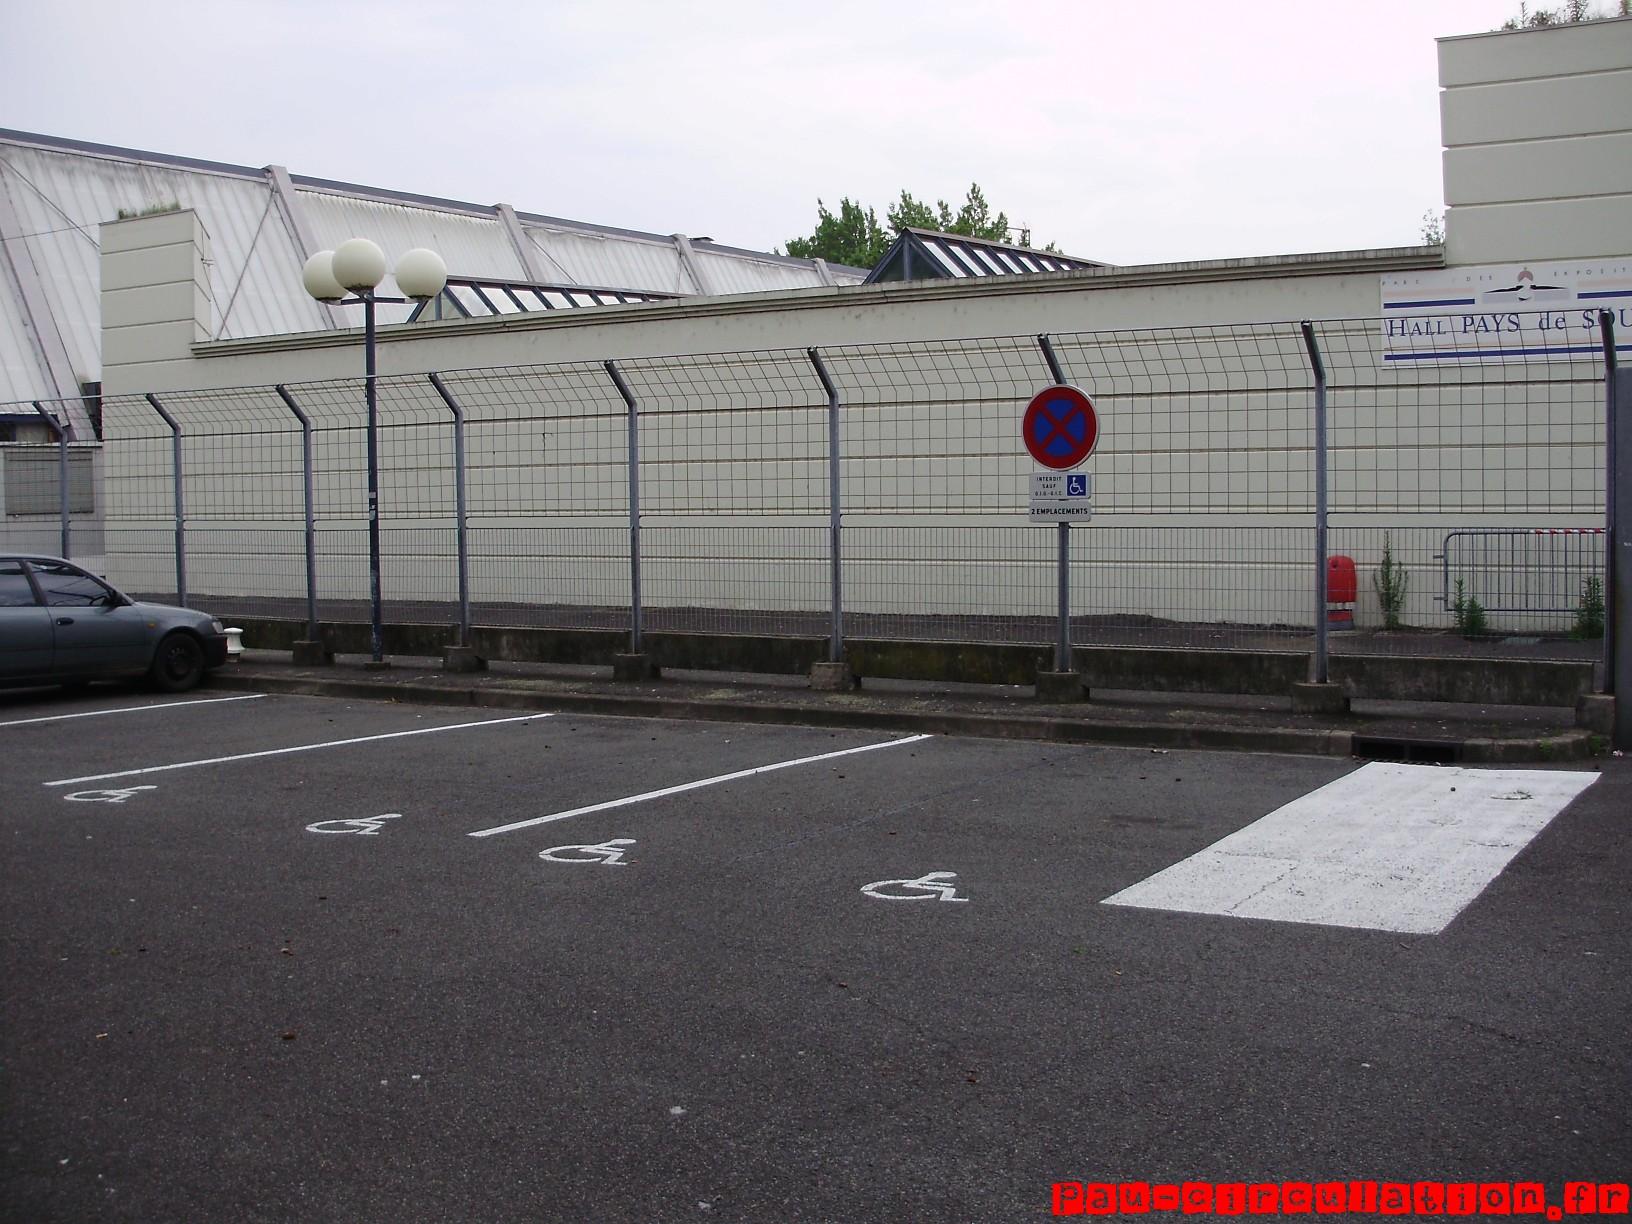 [PAU] Réalisations de places de parking pour handicapé à côté de la foire exposition